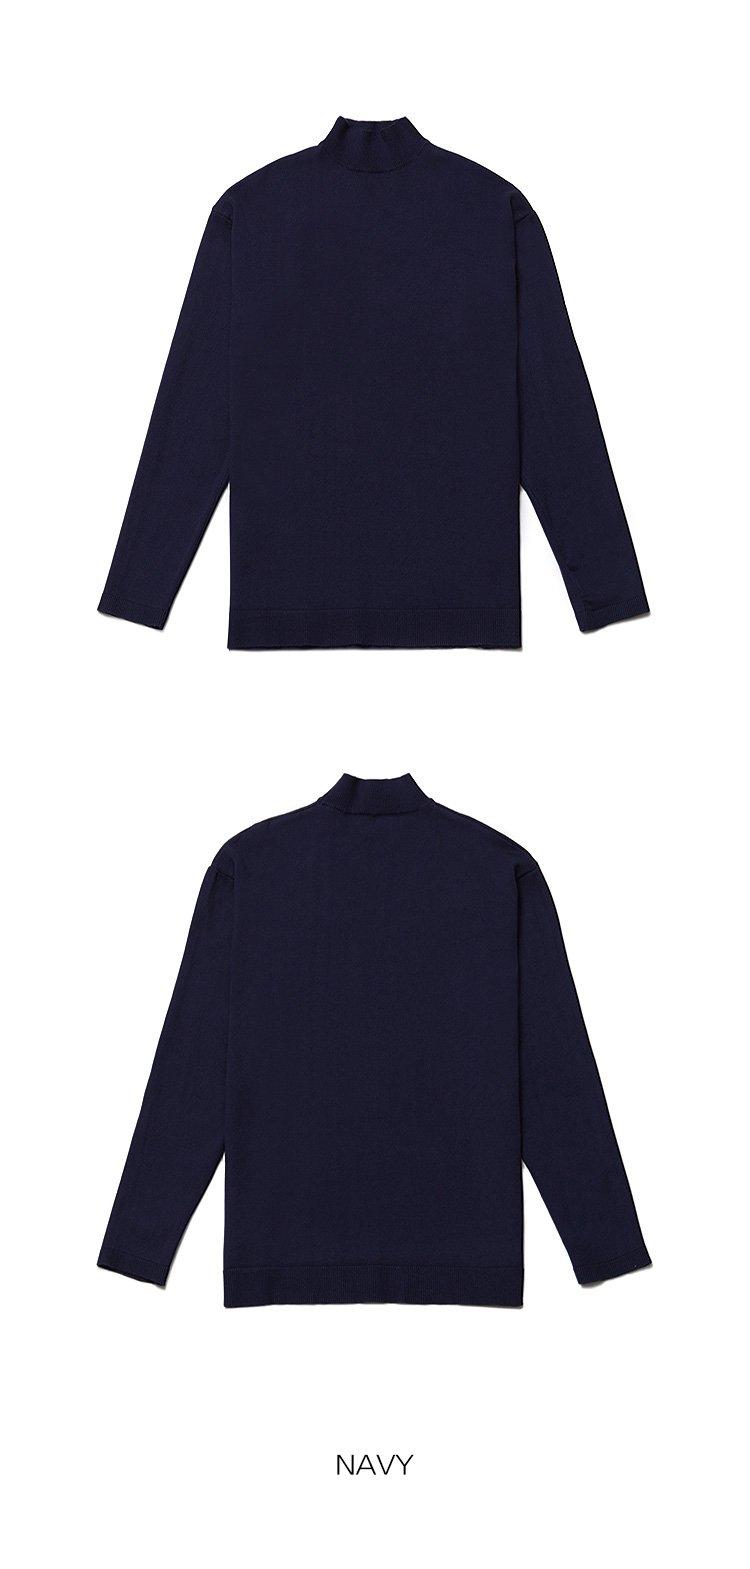 어커버(ACOVER) [세트상품]베이직 하프넥 니트